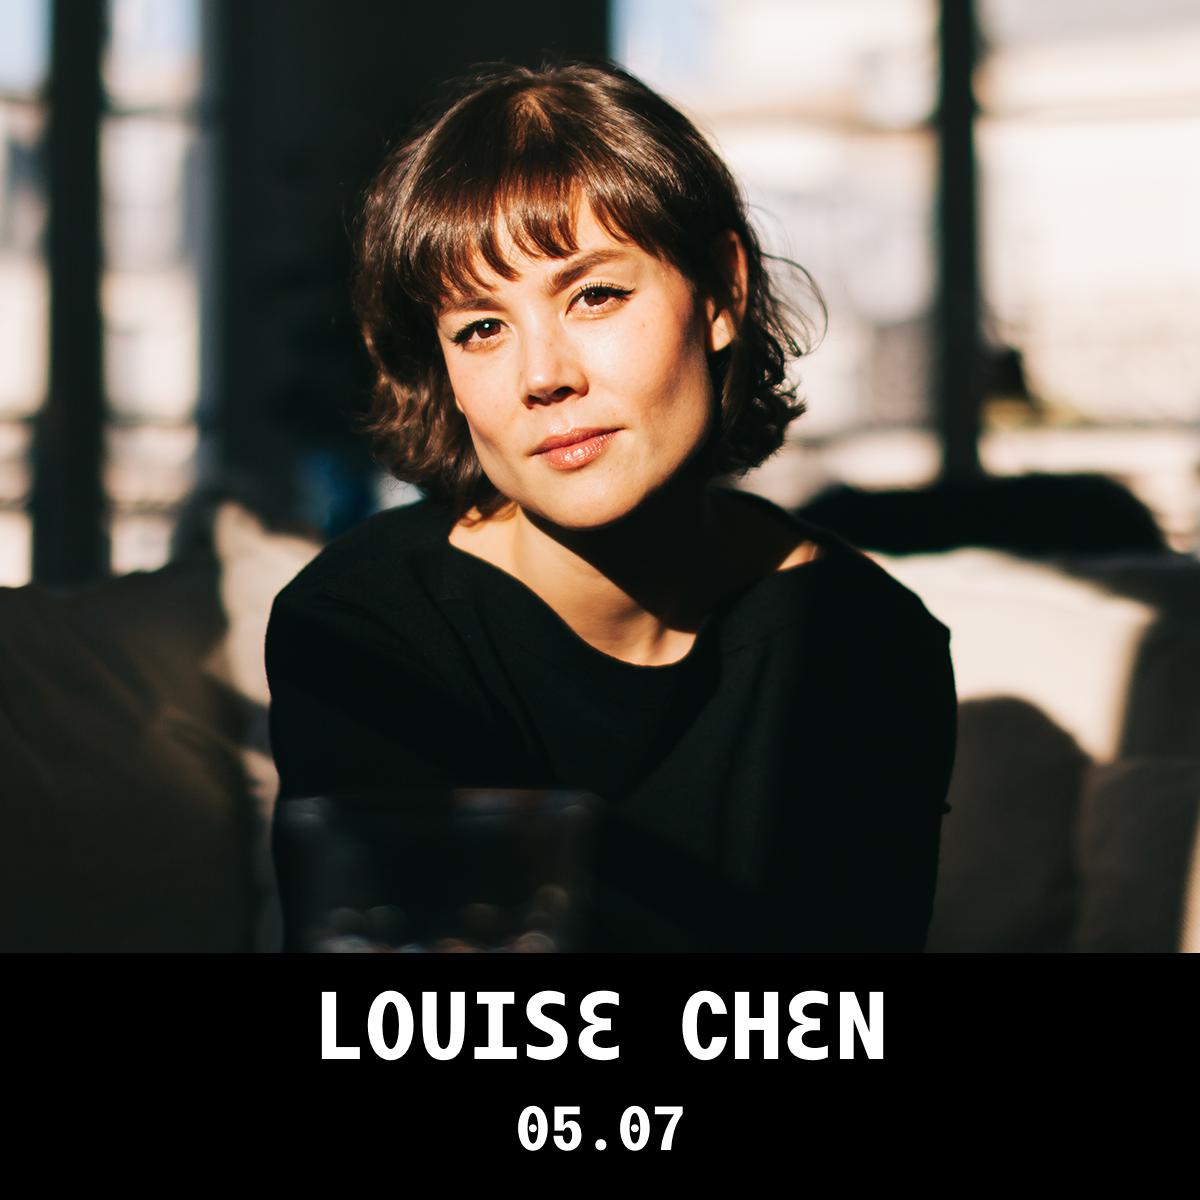 LouiseChen_1x1_web_caixa.png